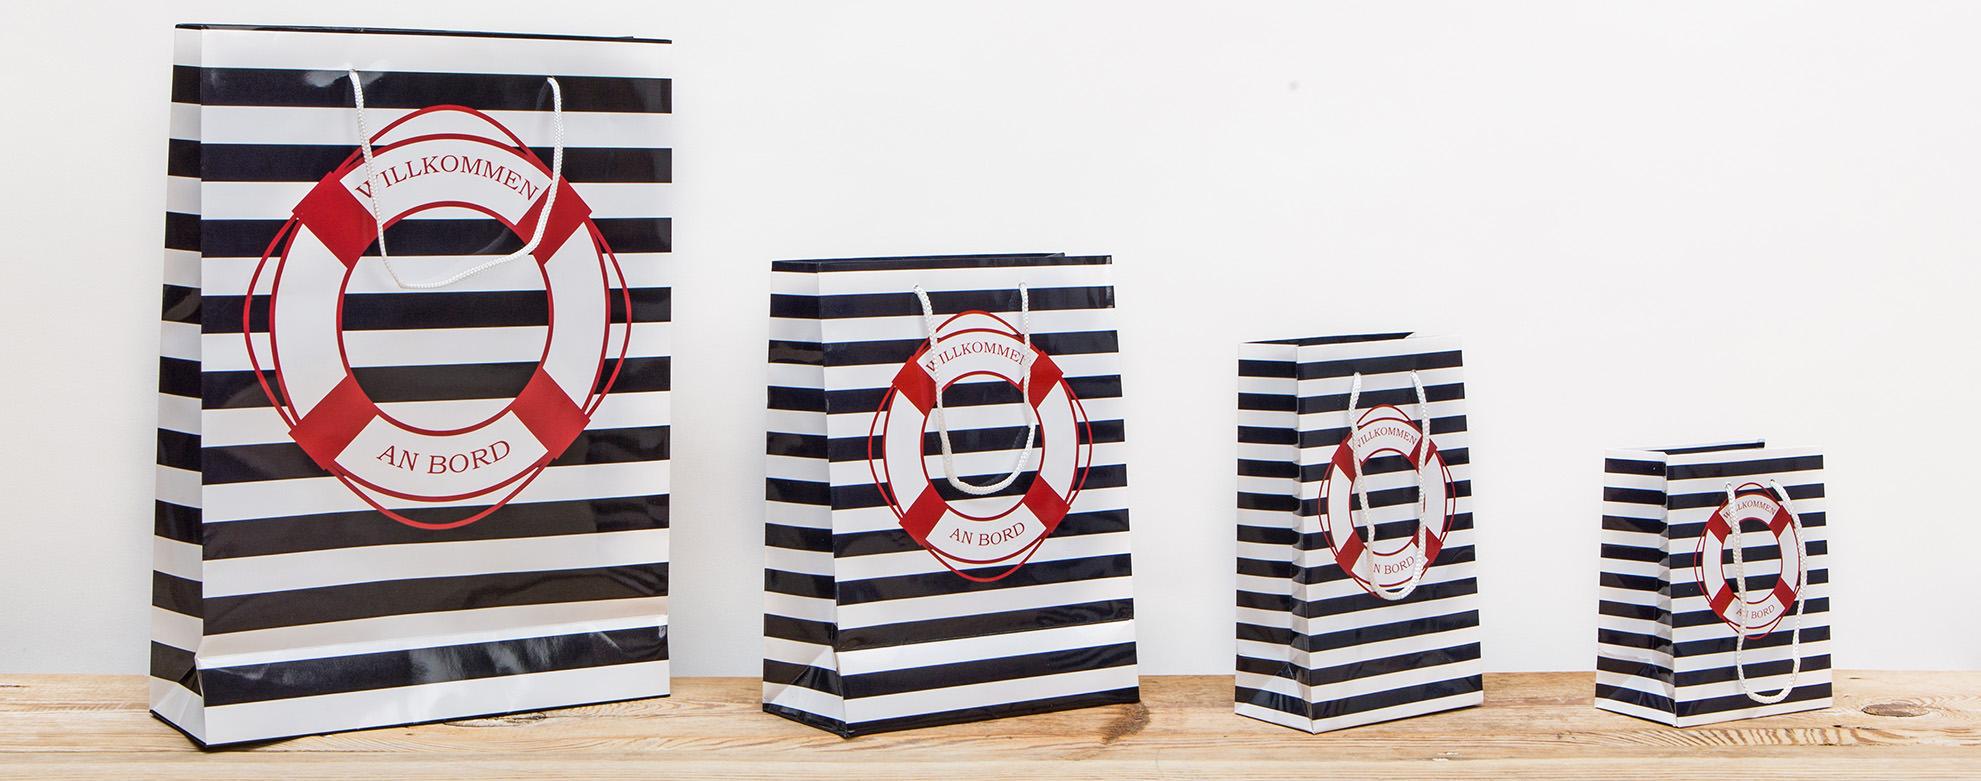 Hier bieten wir Geschenktüten im tollen maritimen Design an. Zum Beispiel  Geschenktüten in blau und weiß gestreift... mehr erfahren » 80bc25dbb5